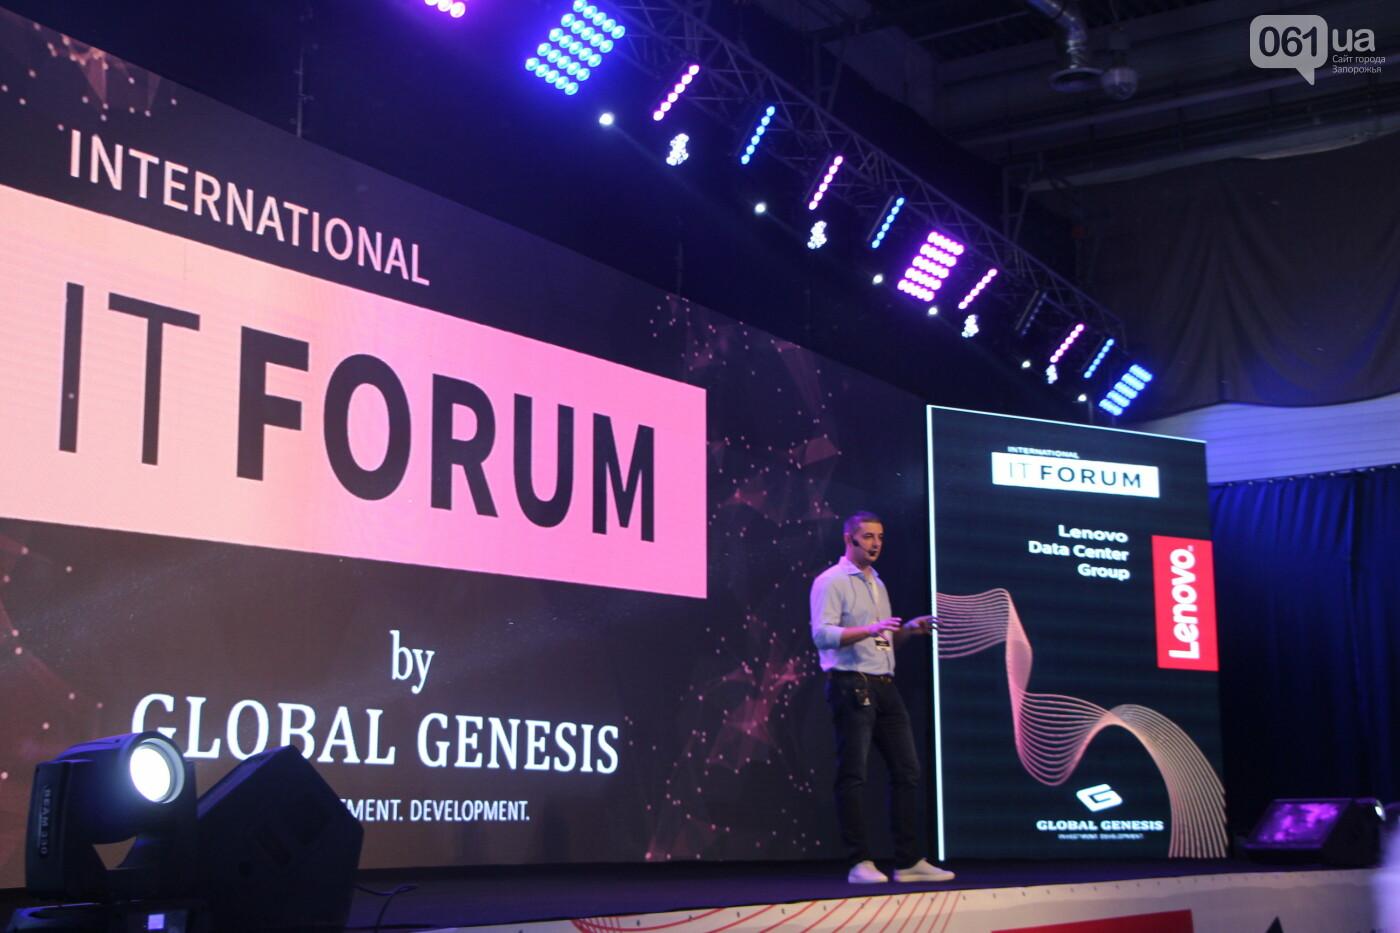 ПриватБанк презентовал свои услуги для фрилансеров и IT-специалистов на International IT Forum 2019, фото-2